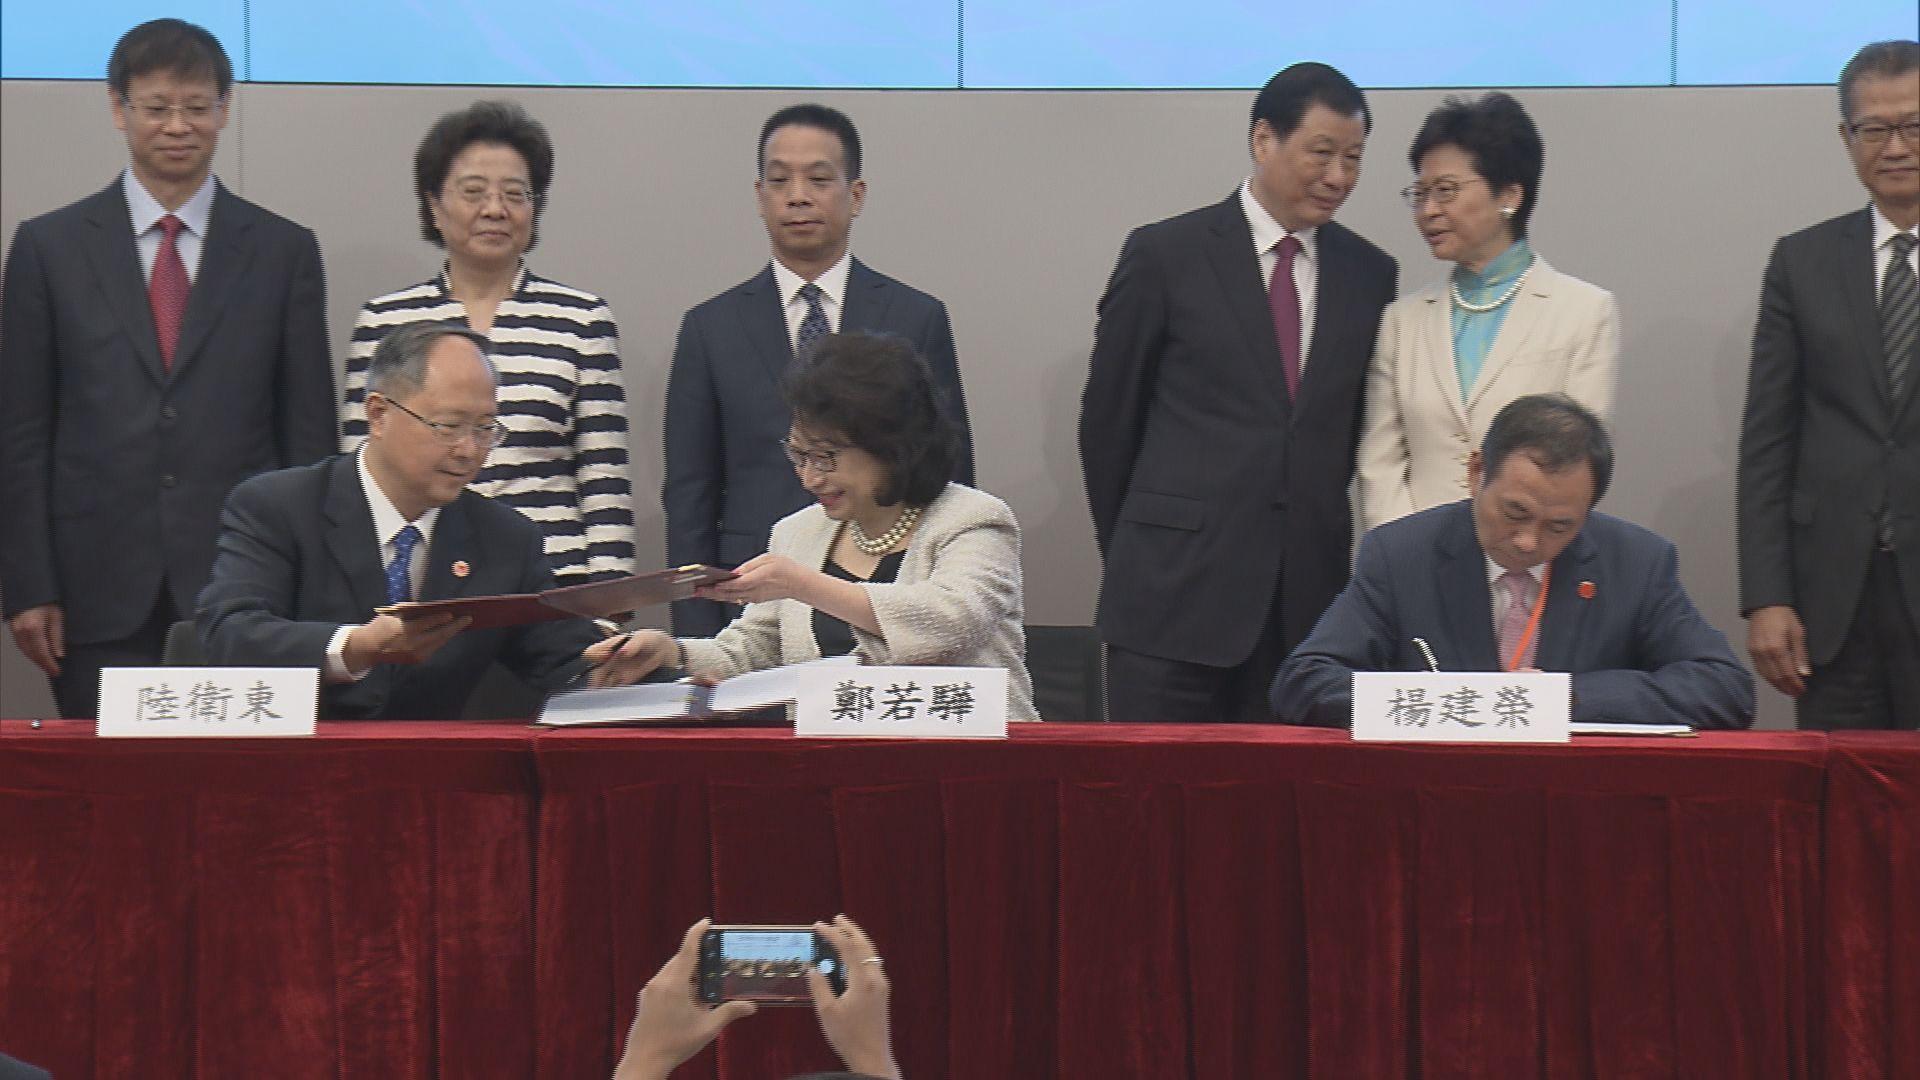 滬港合作會議簽署15份合作協議